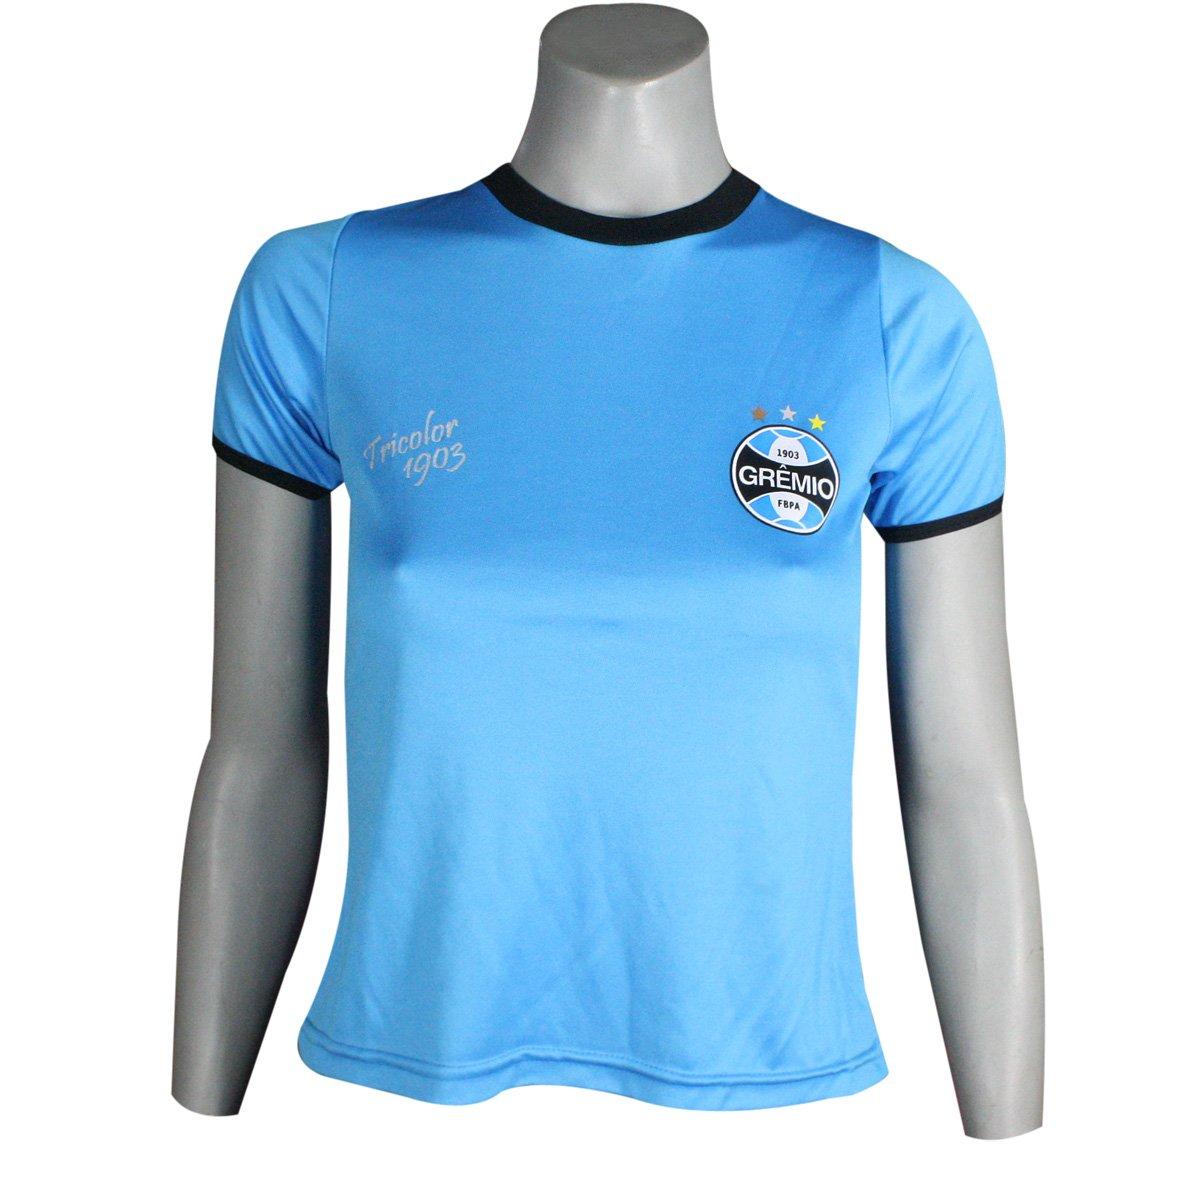 cc207b4f16 Camiseta Feminina Dilva Oldoni Grêmio